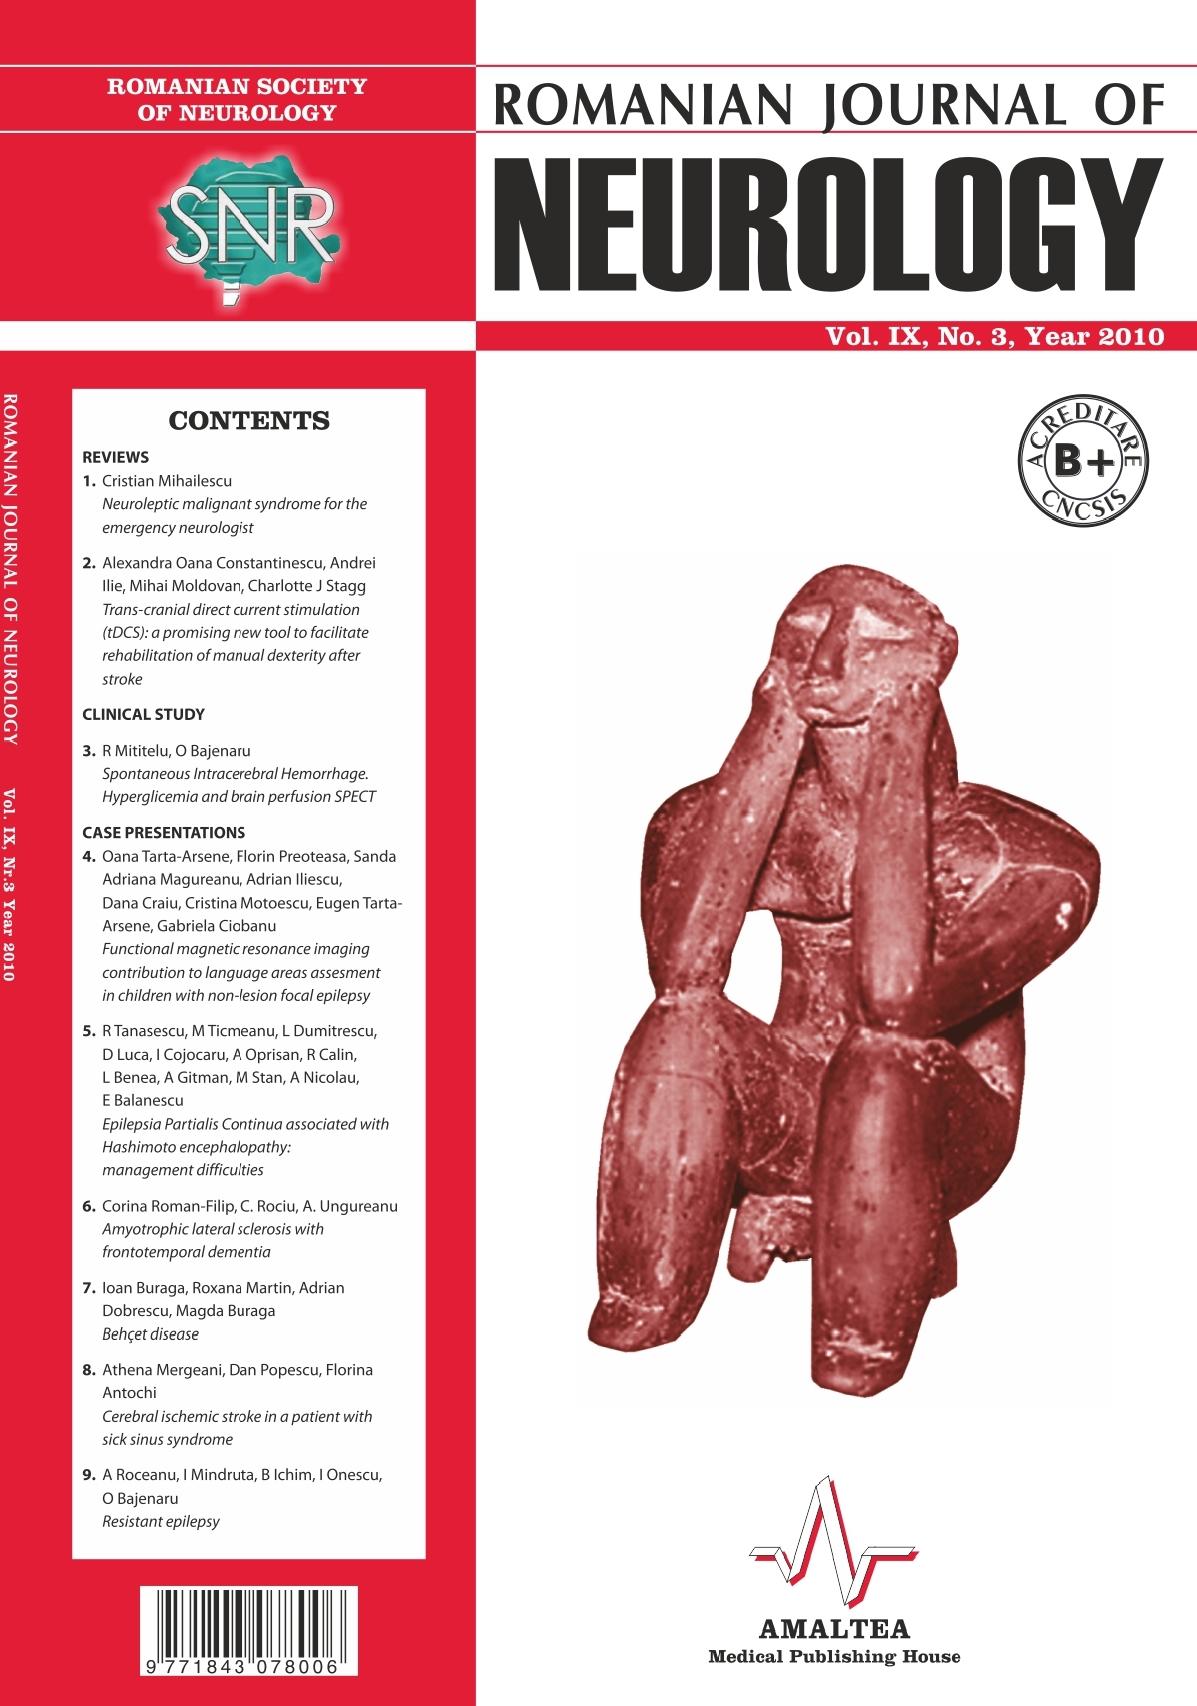 Romanian Journal of Neurology, Volume IX, No. 3, 2010